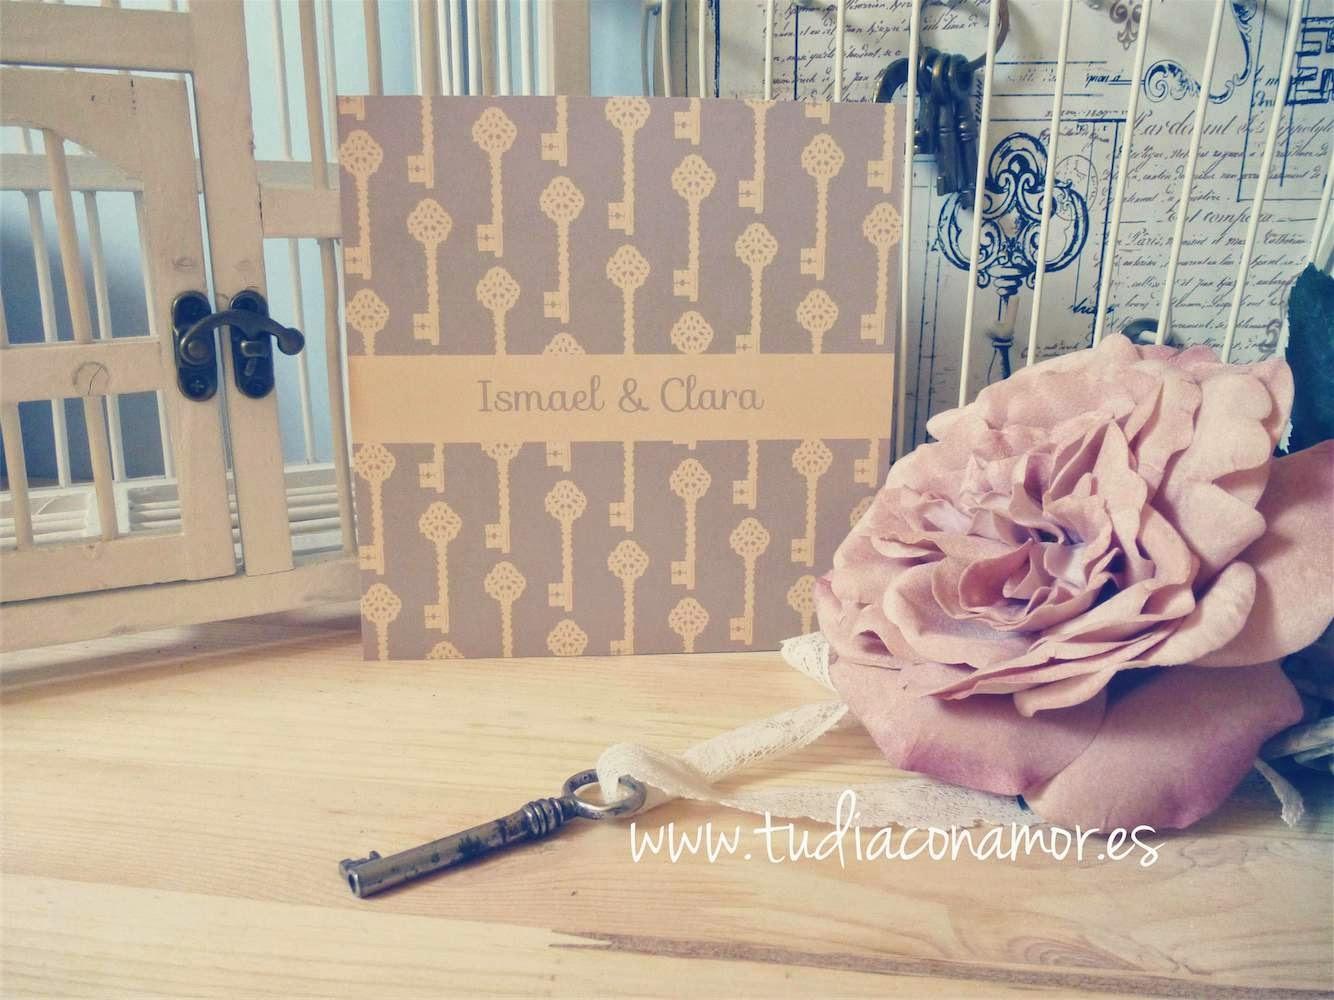 invitacin de boda vintage con llaves en tonos marrn y mostaza ideal para decorar las mesas de la boda con nmeros hechos de llaves seating plan de